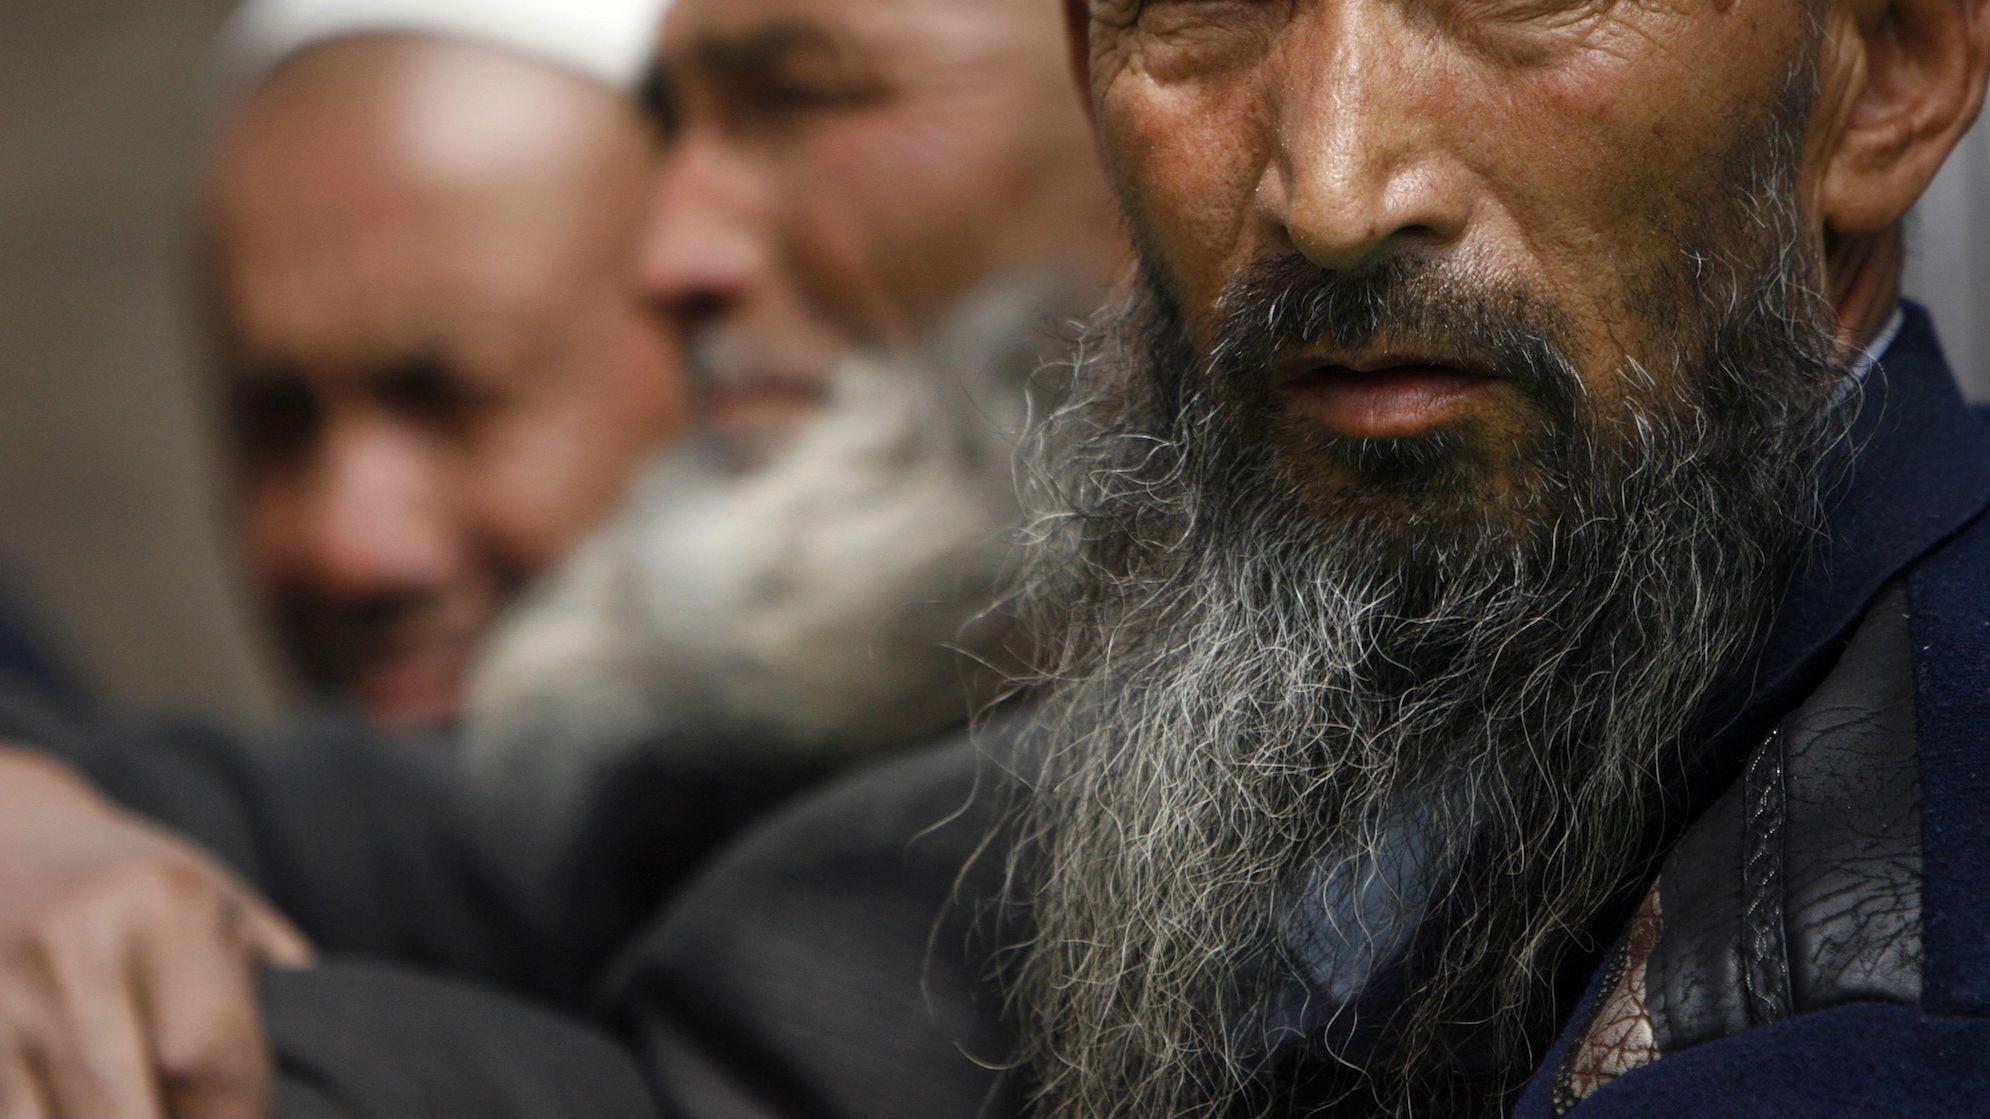 Muslim Beard Wallpaper